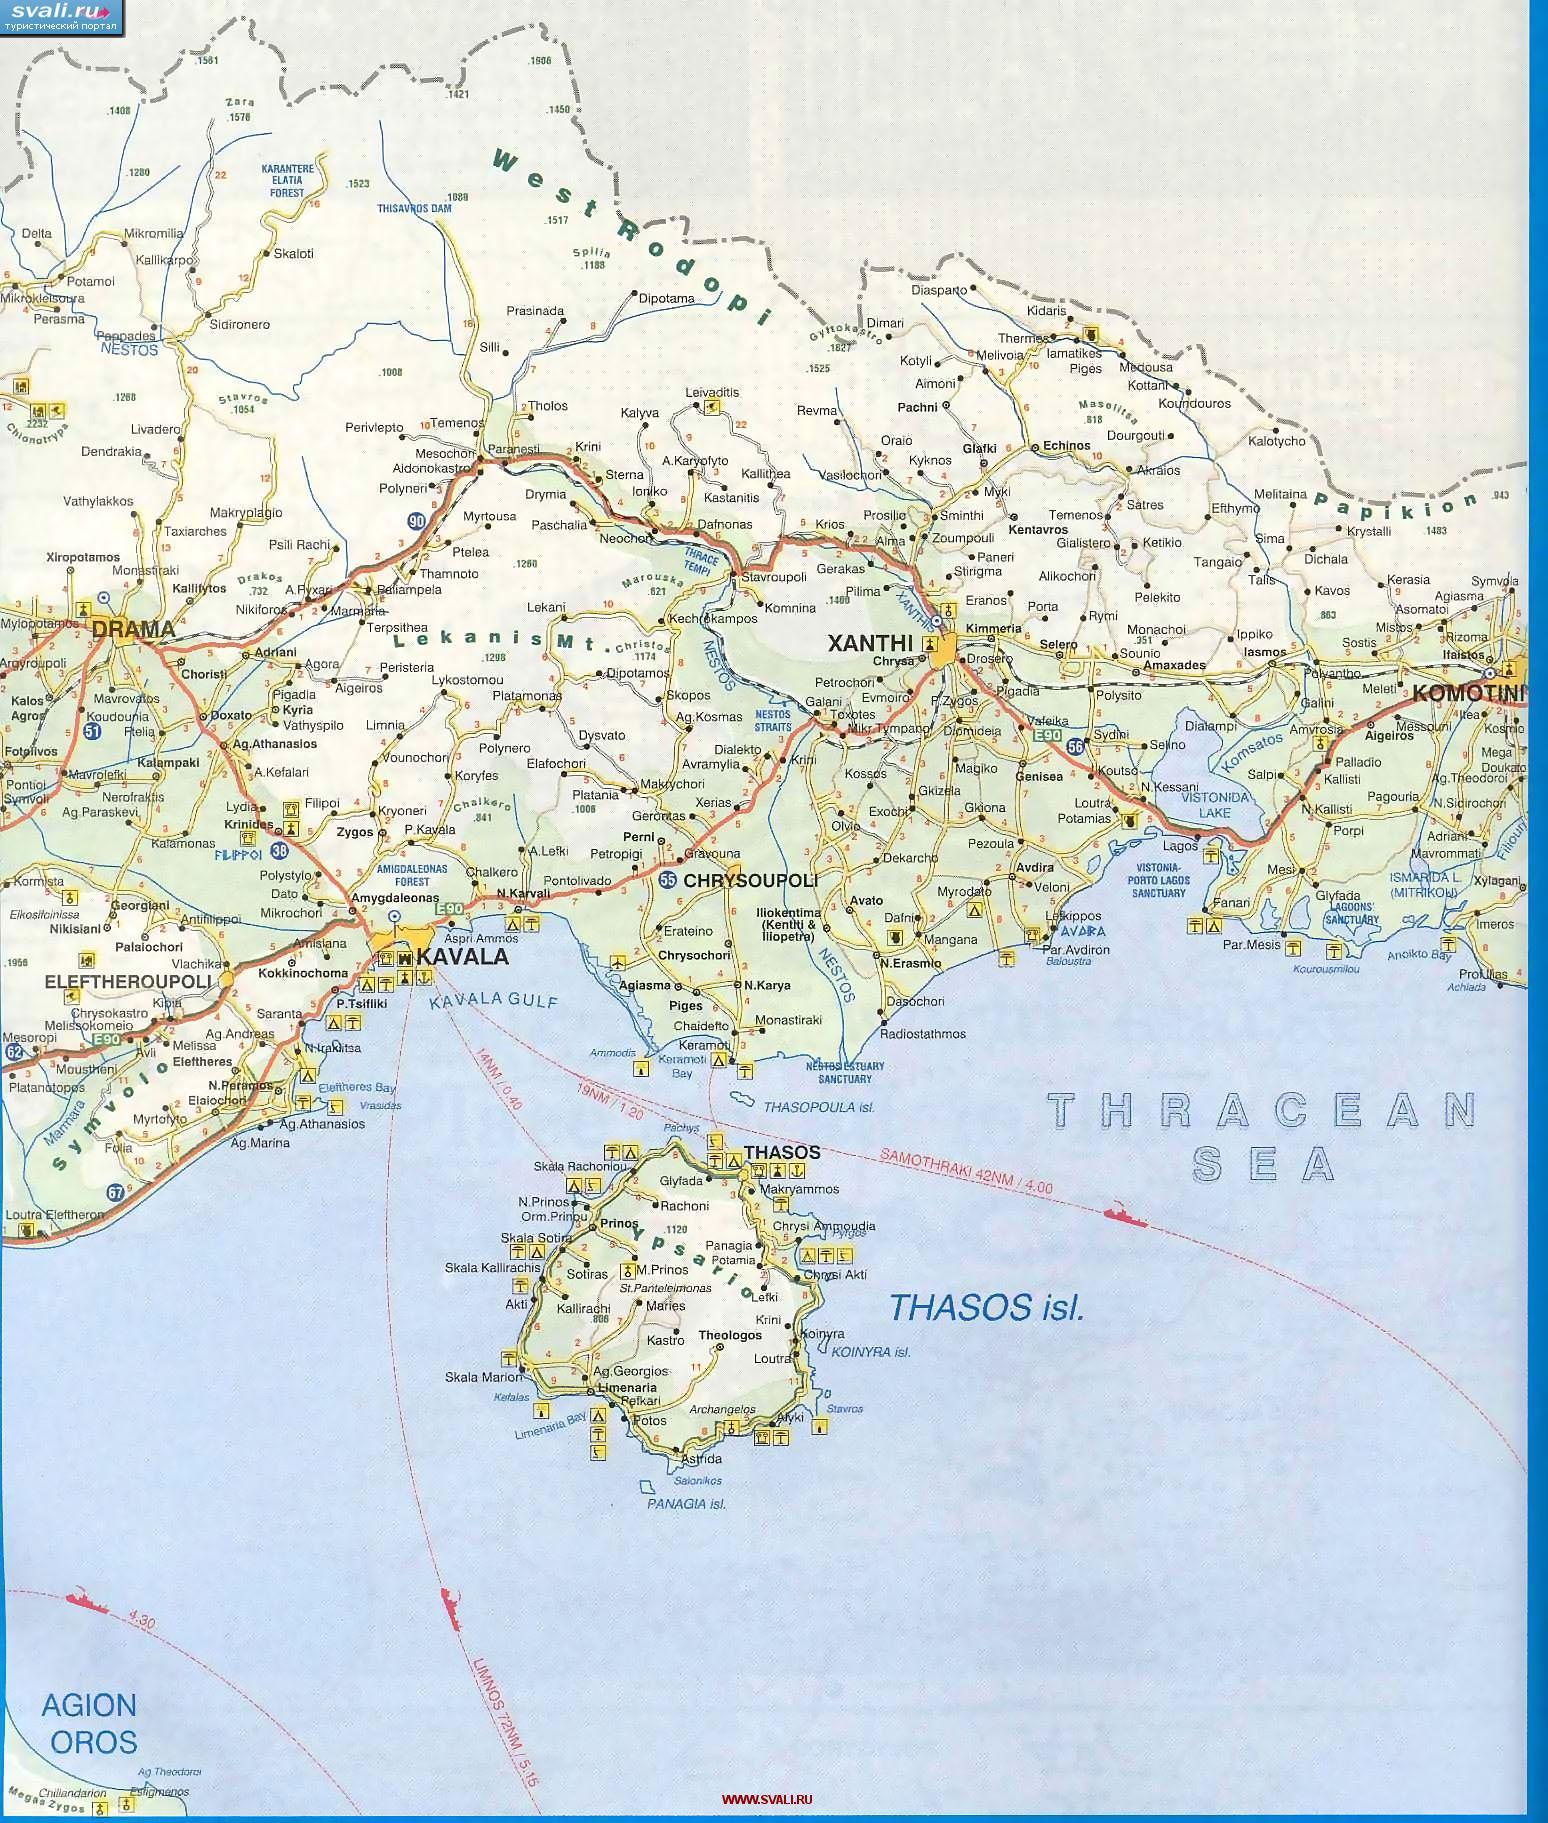 Karty Podrobnaya Karta Zapada Oblasti Frakiya Thrase Kavala